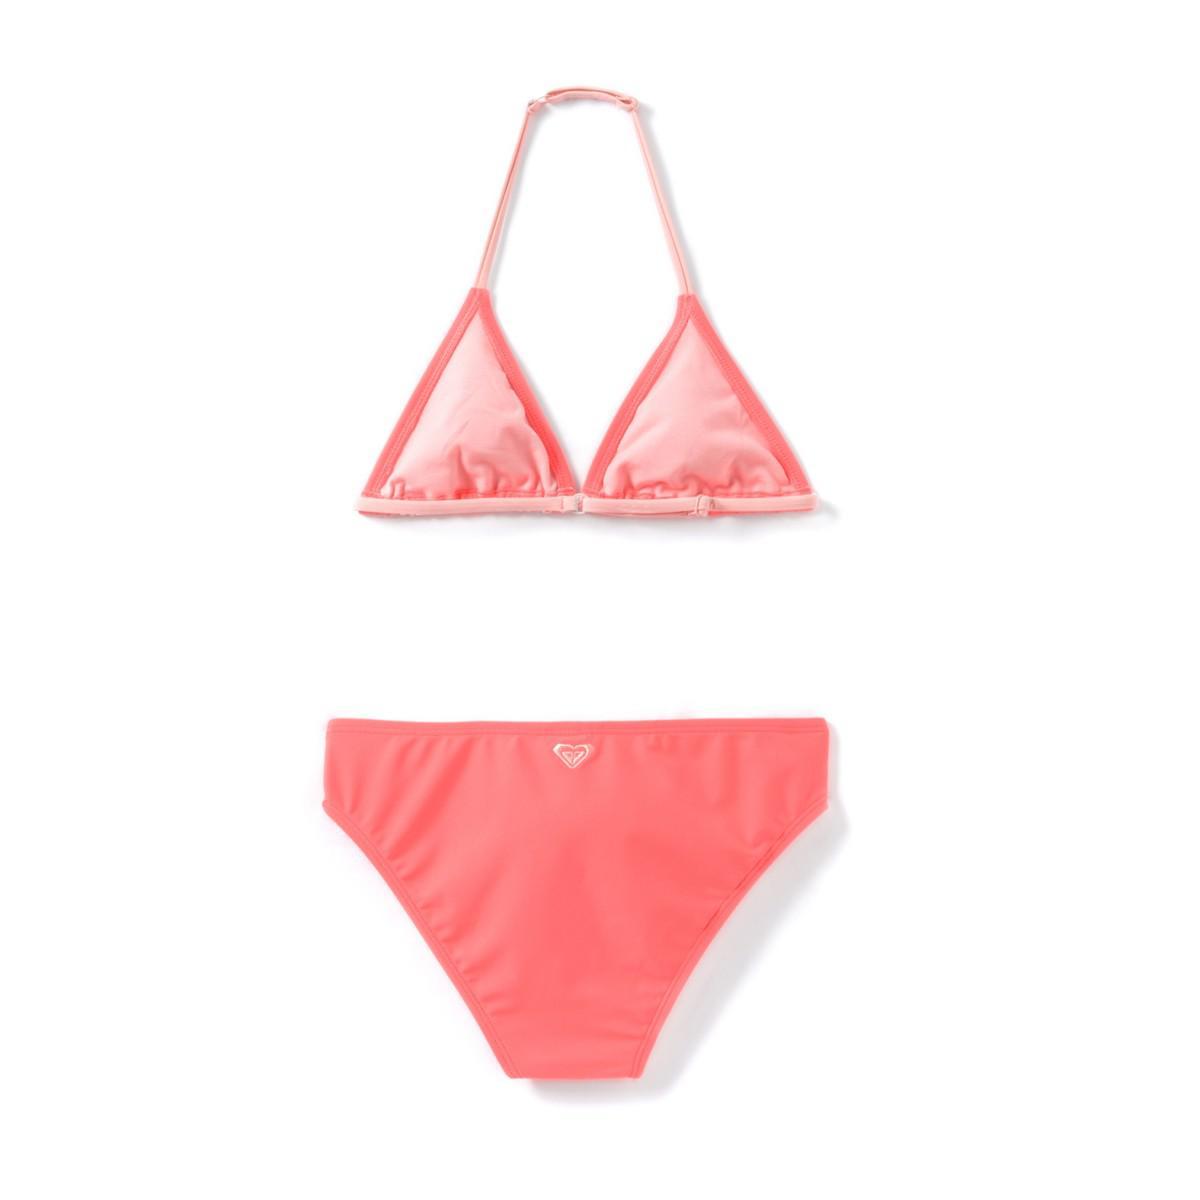 Roxy Maillot De Bain 2 Pièces 8 - 10 Ans ® in Pink   Lyst c8afec49fc1c